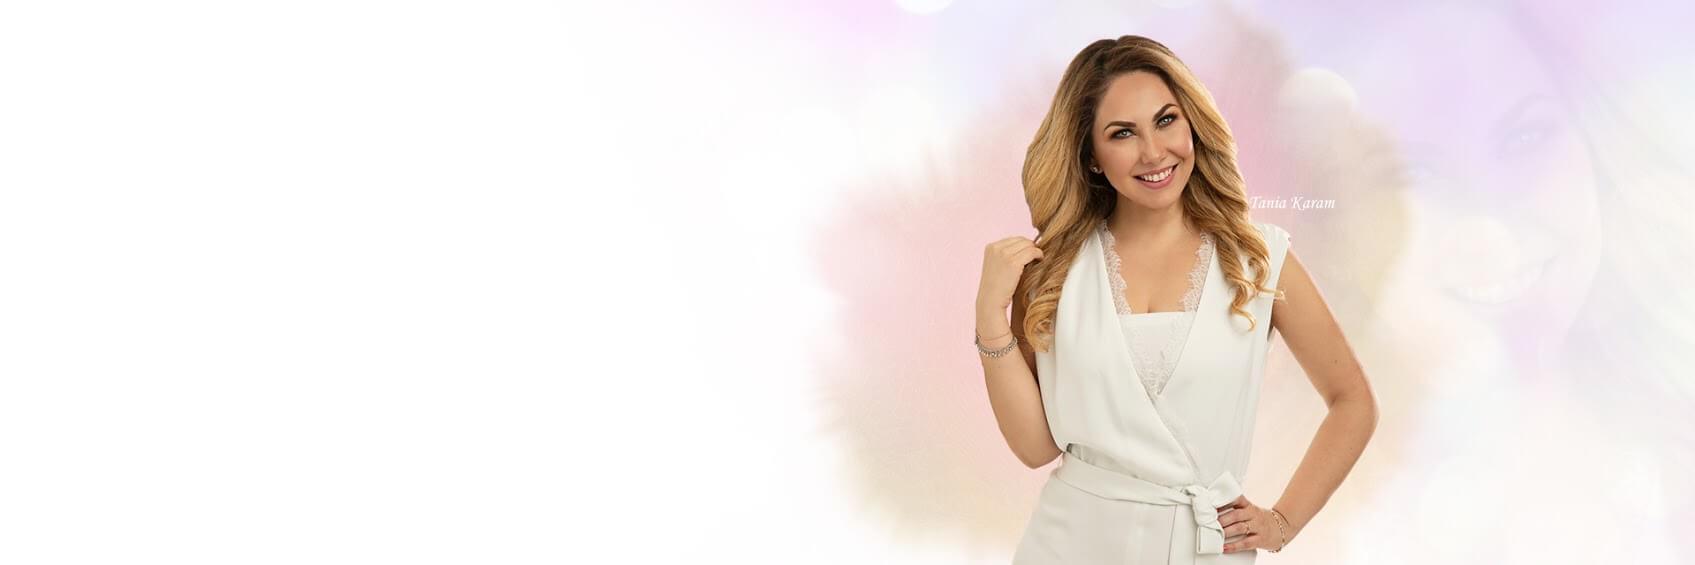 Tania Karam canalizadora de ángeles